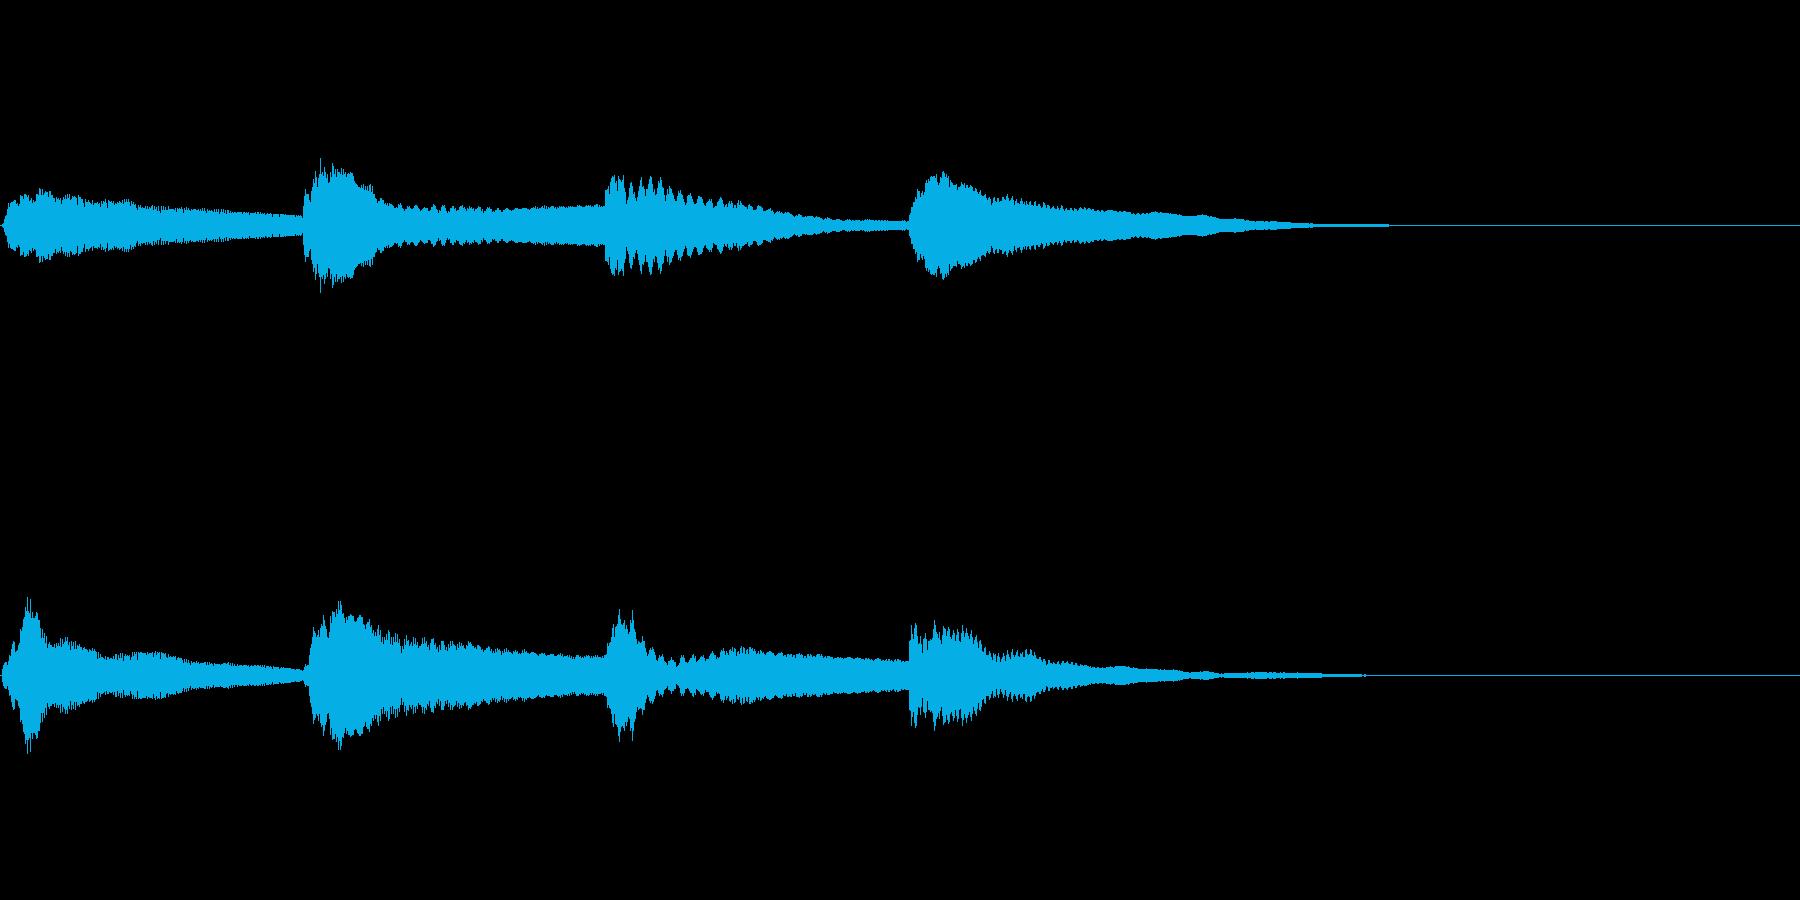 アナウンスのピンポンパンポンの音1 上昇の再生済みの波形